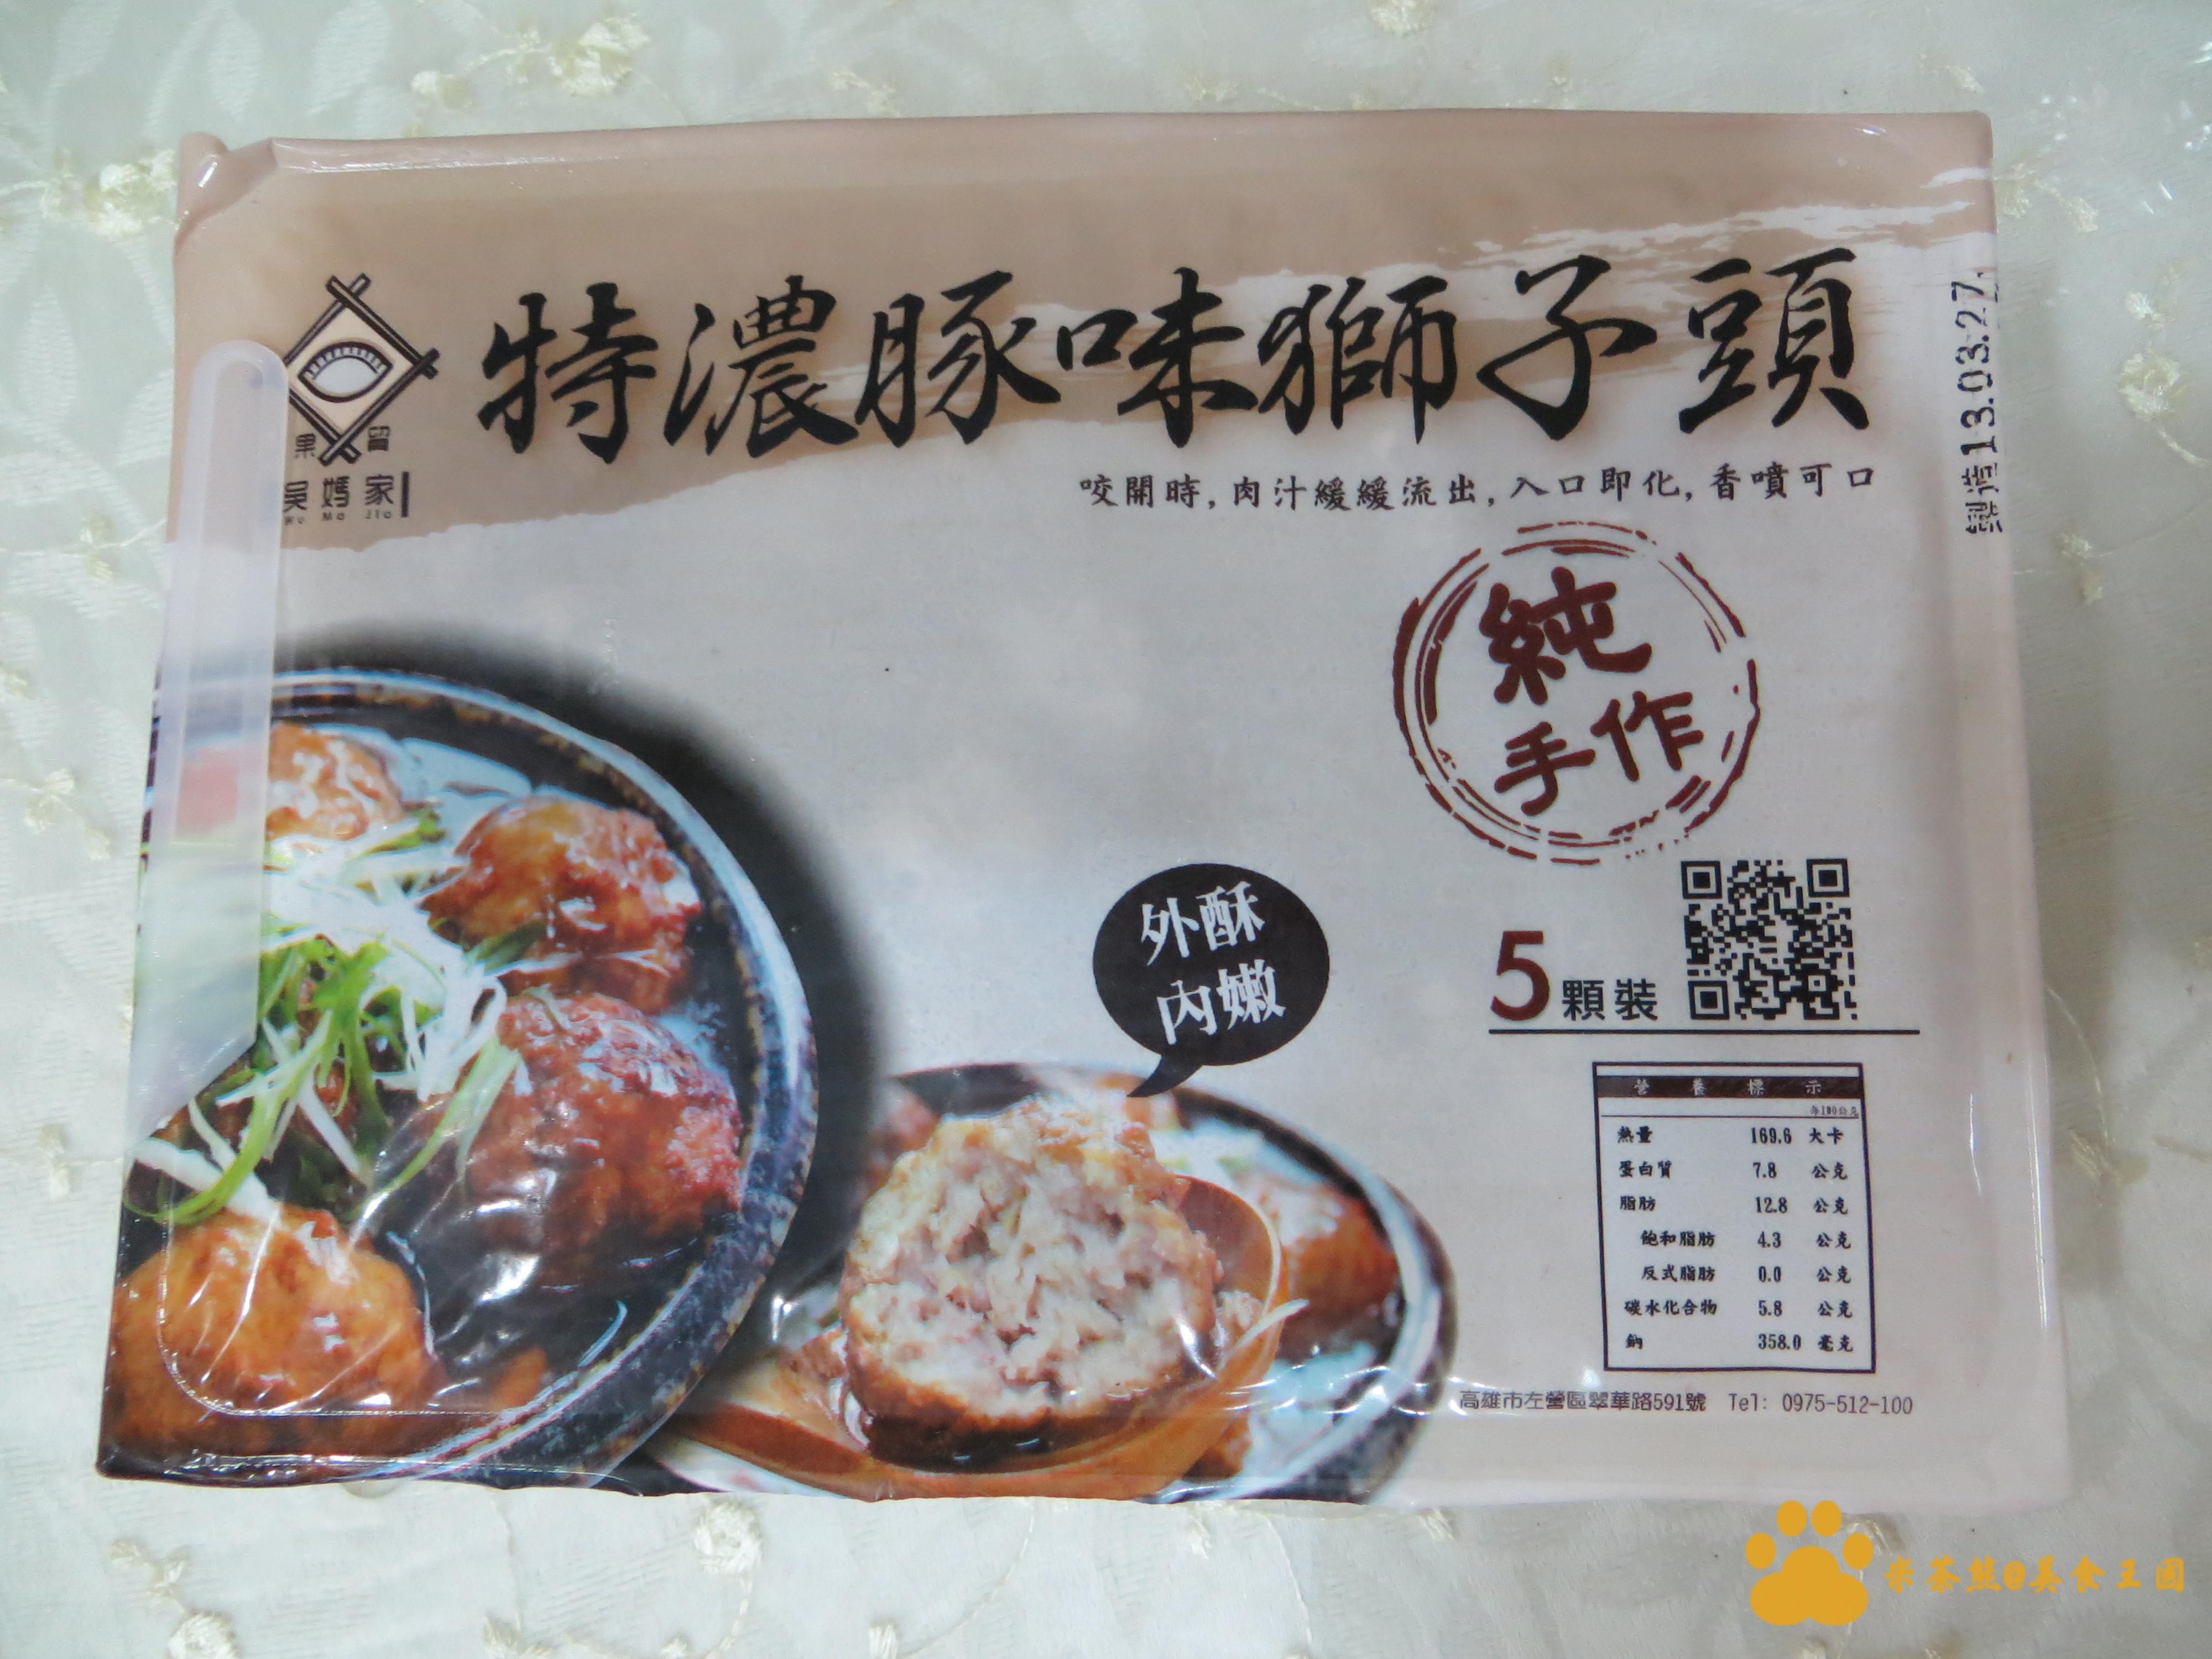 果貿吳媽家純手作特濃豚味獅子頭|宅配美食︱美食王國